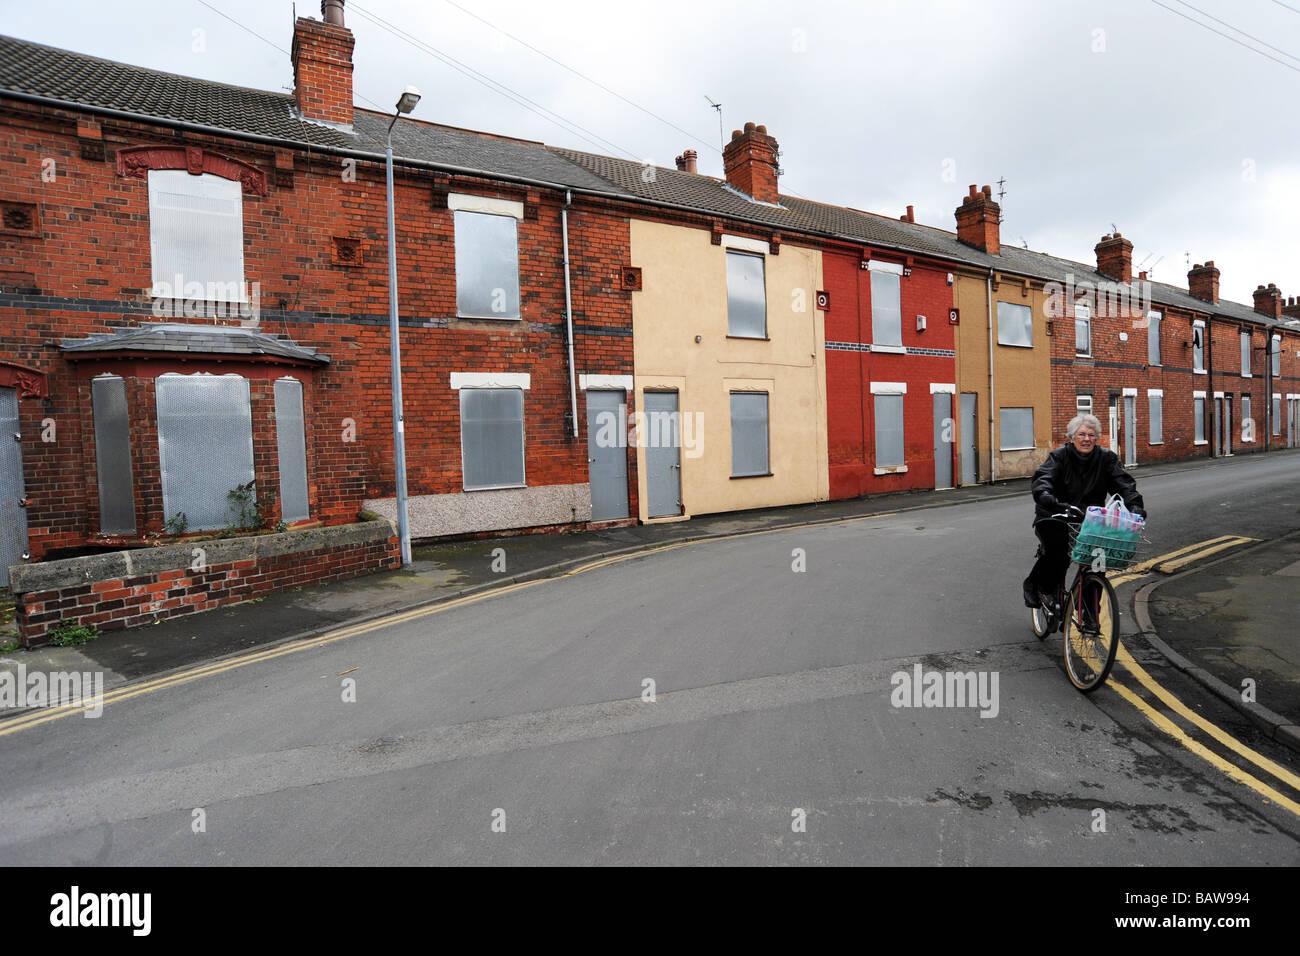 Una anciana últimos ciclos de correr abajo casas listas para demolición, Goole cerca de Hull, Reino Unido Imagen De Stock